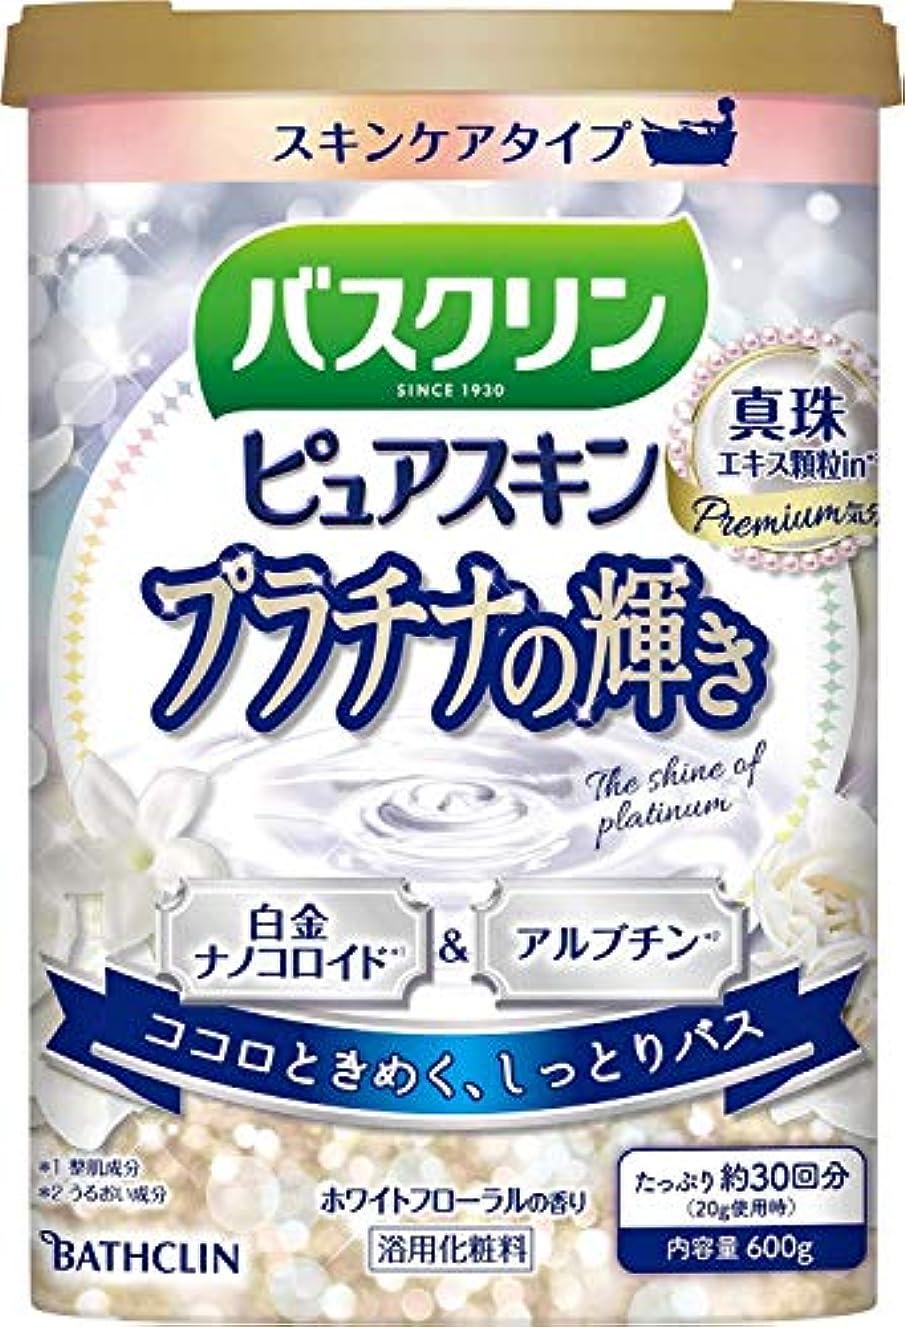 ウォルターカニンガム近代化経済バスクリンピュアスキンプラチナの輝き600g入浴剤(約30回分)